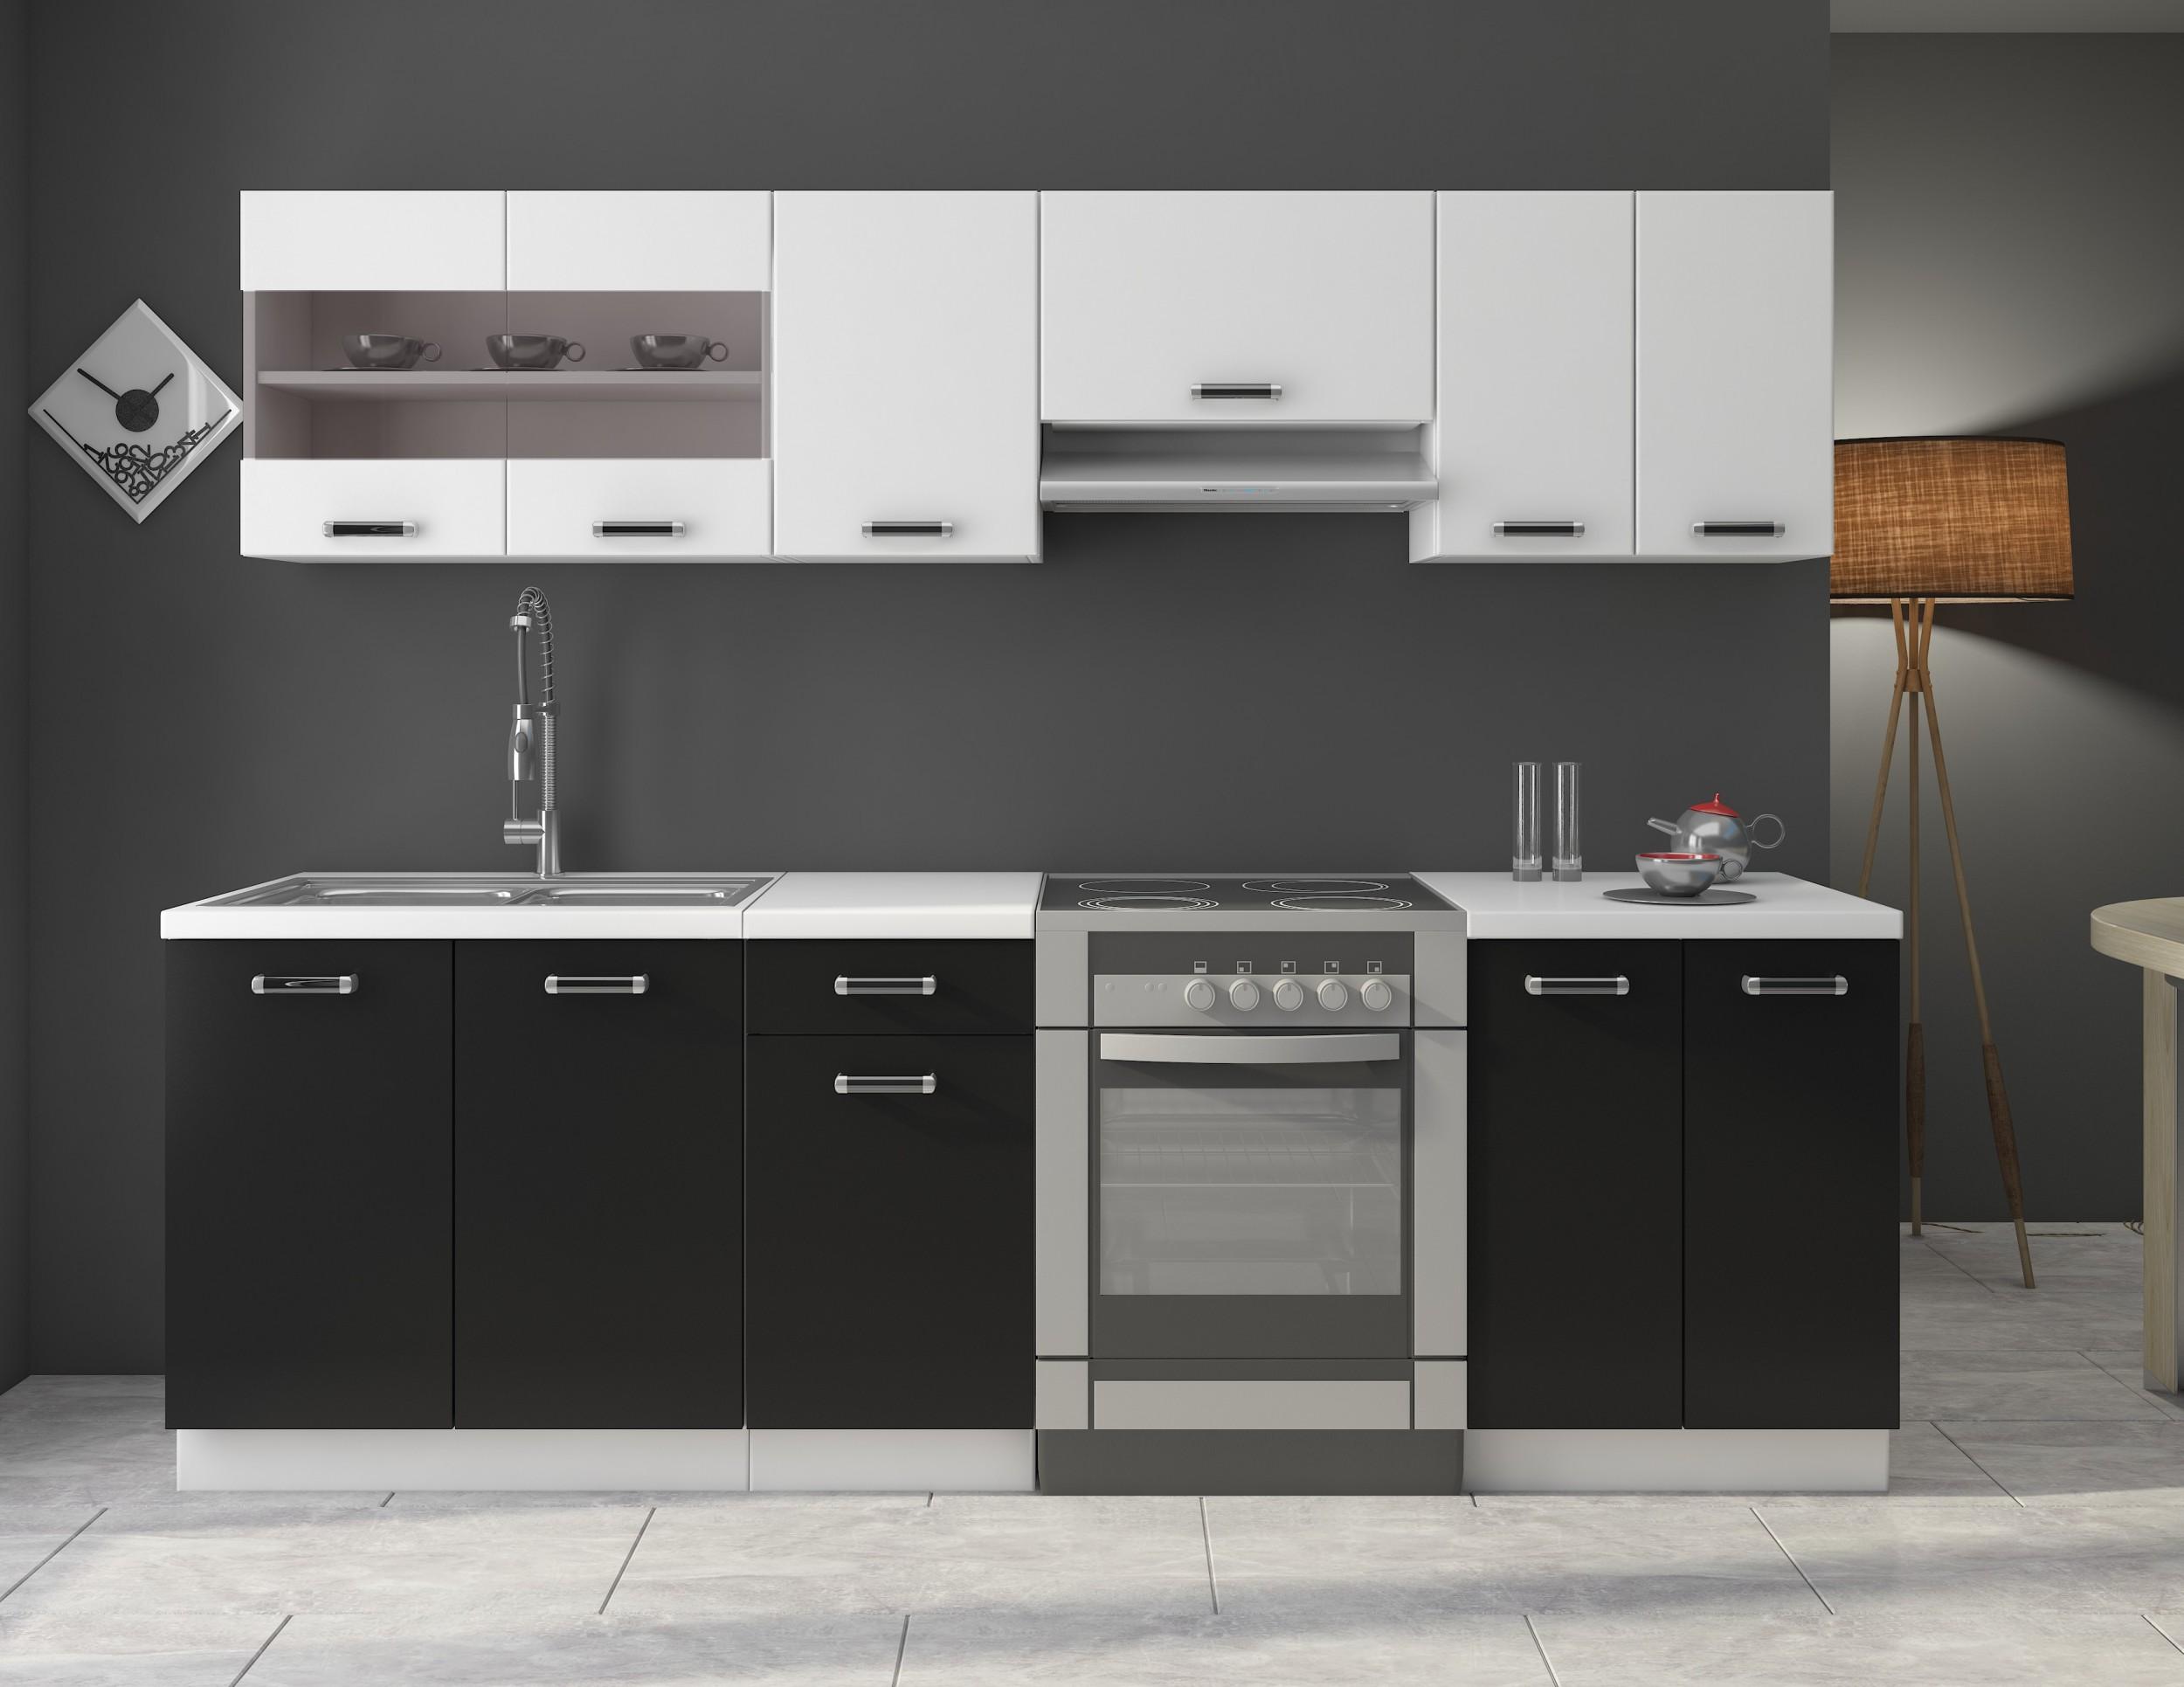 Full Size of Küche Billig Ikea Miniküche Billig Küche Mit Insel Billig Spülbecken Küche Billig Küche Küche Billig